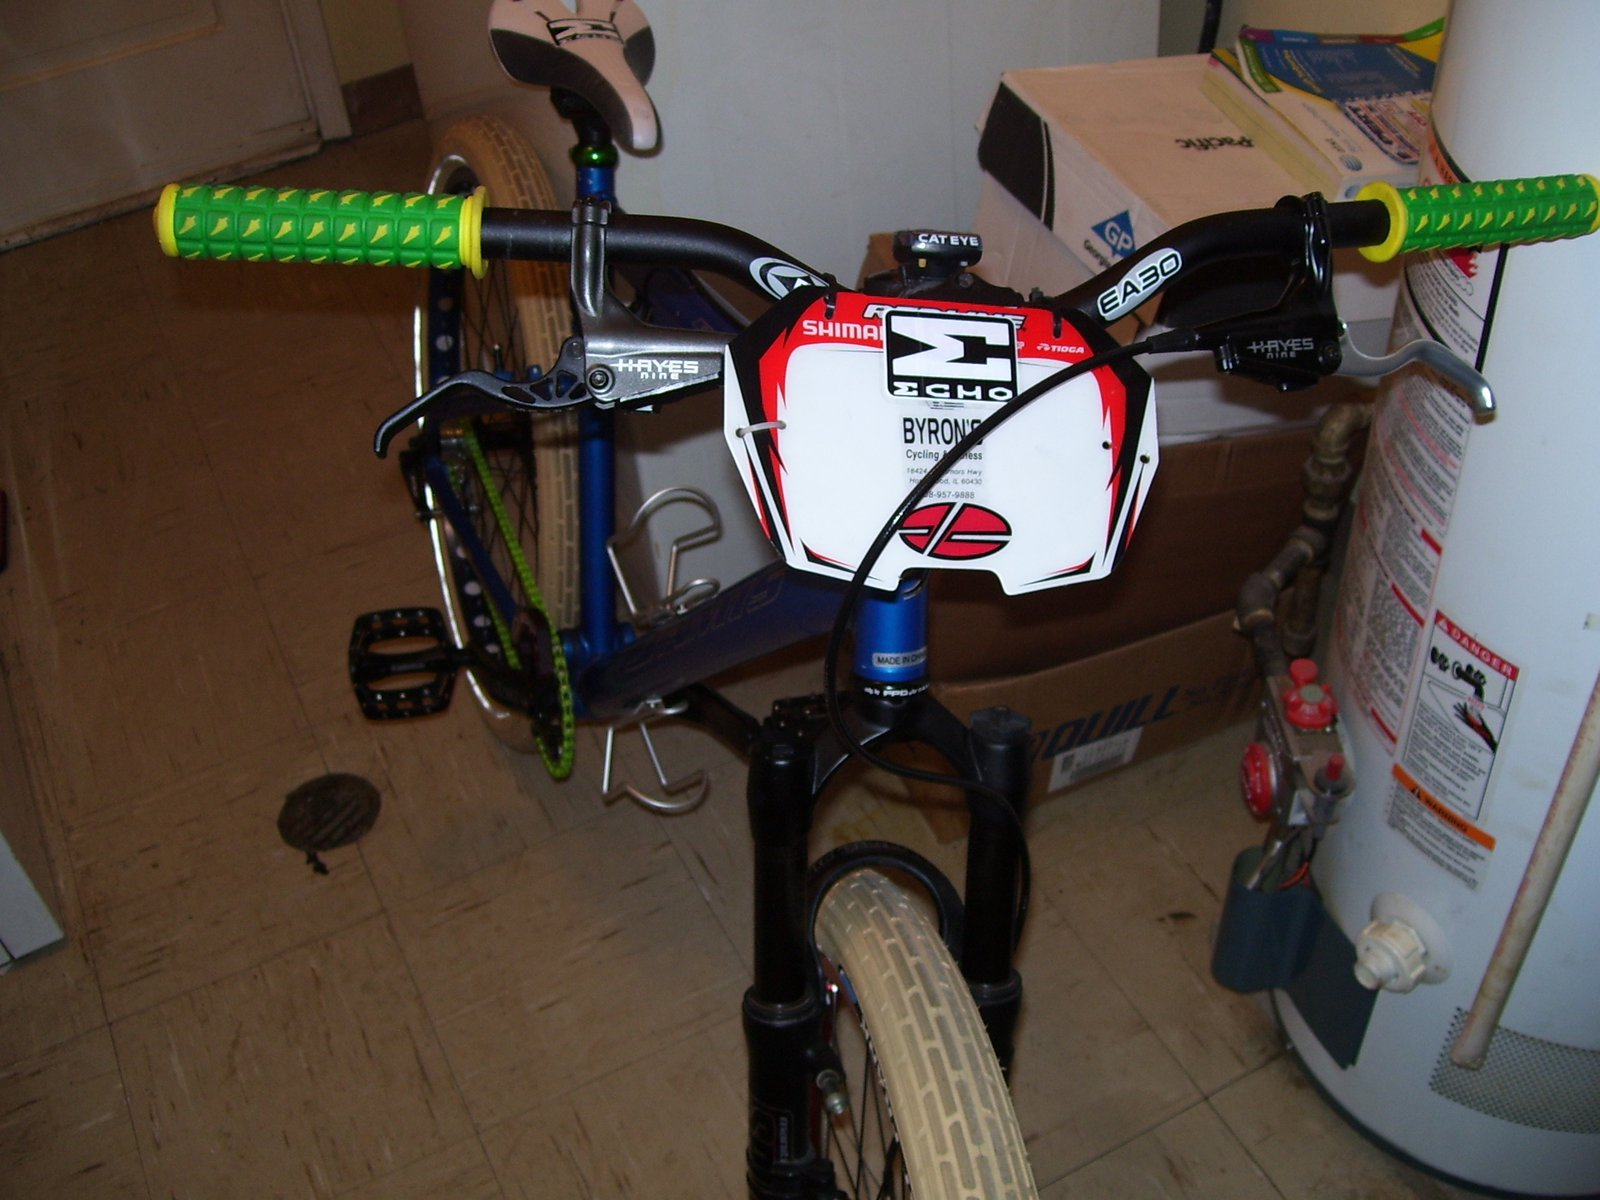 My freaky bike